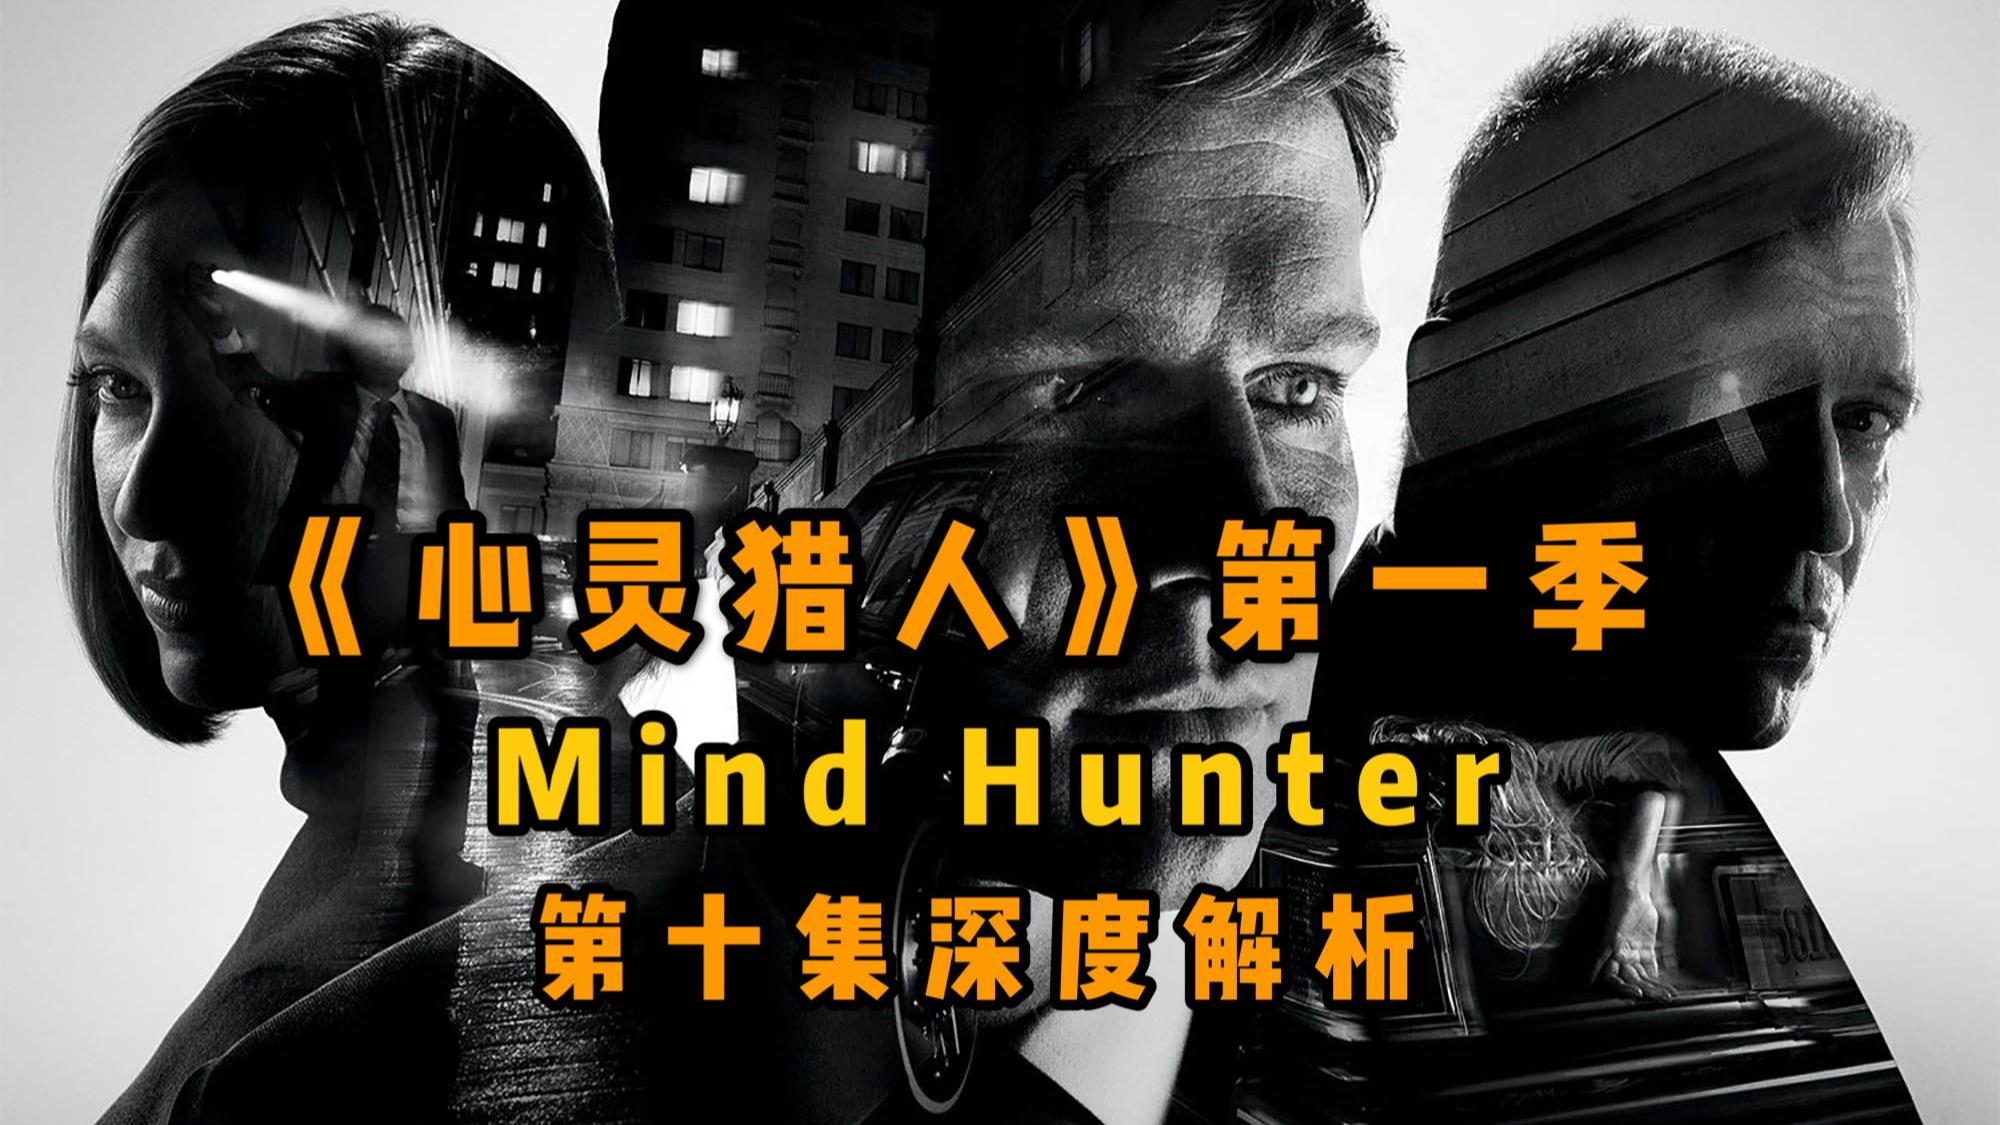 【李里西】恐慌症是什么?FBI探员为什么会被吓出恐慌症?美剧《心灵猎人》第一季第十集深度解析